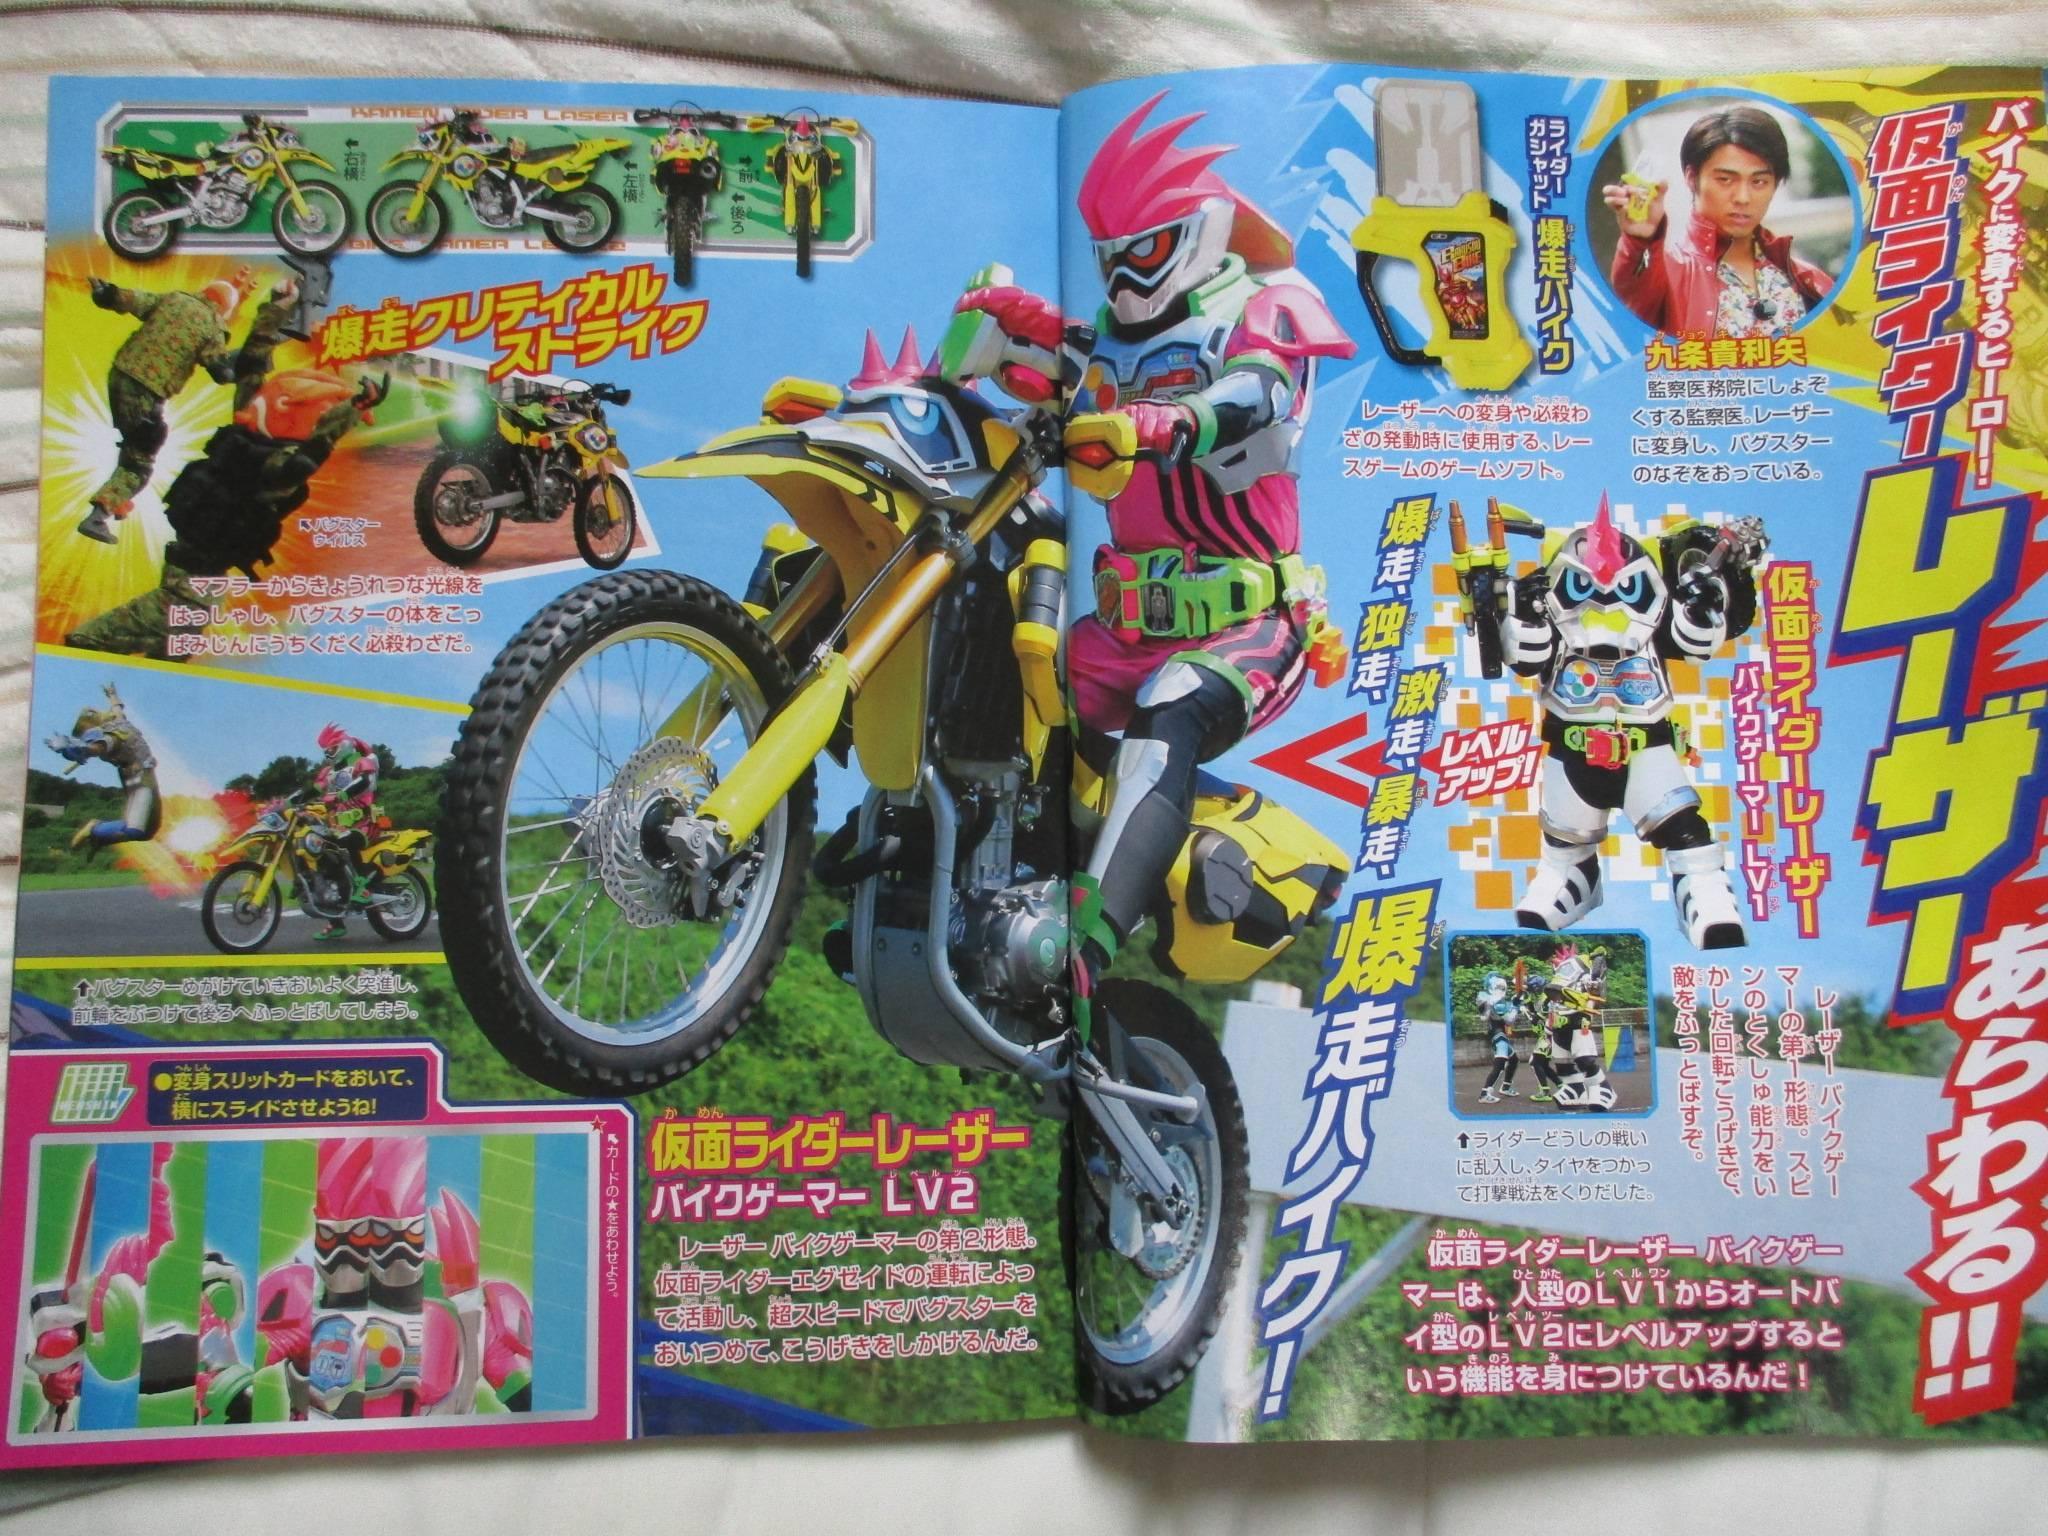 別にライダーがバイクに変形せんでもええ思うねん・・・・ ・・・・ 照井竜~~~~!!(爆)